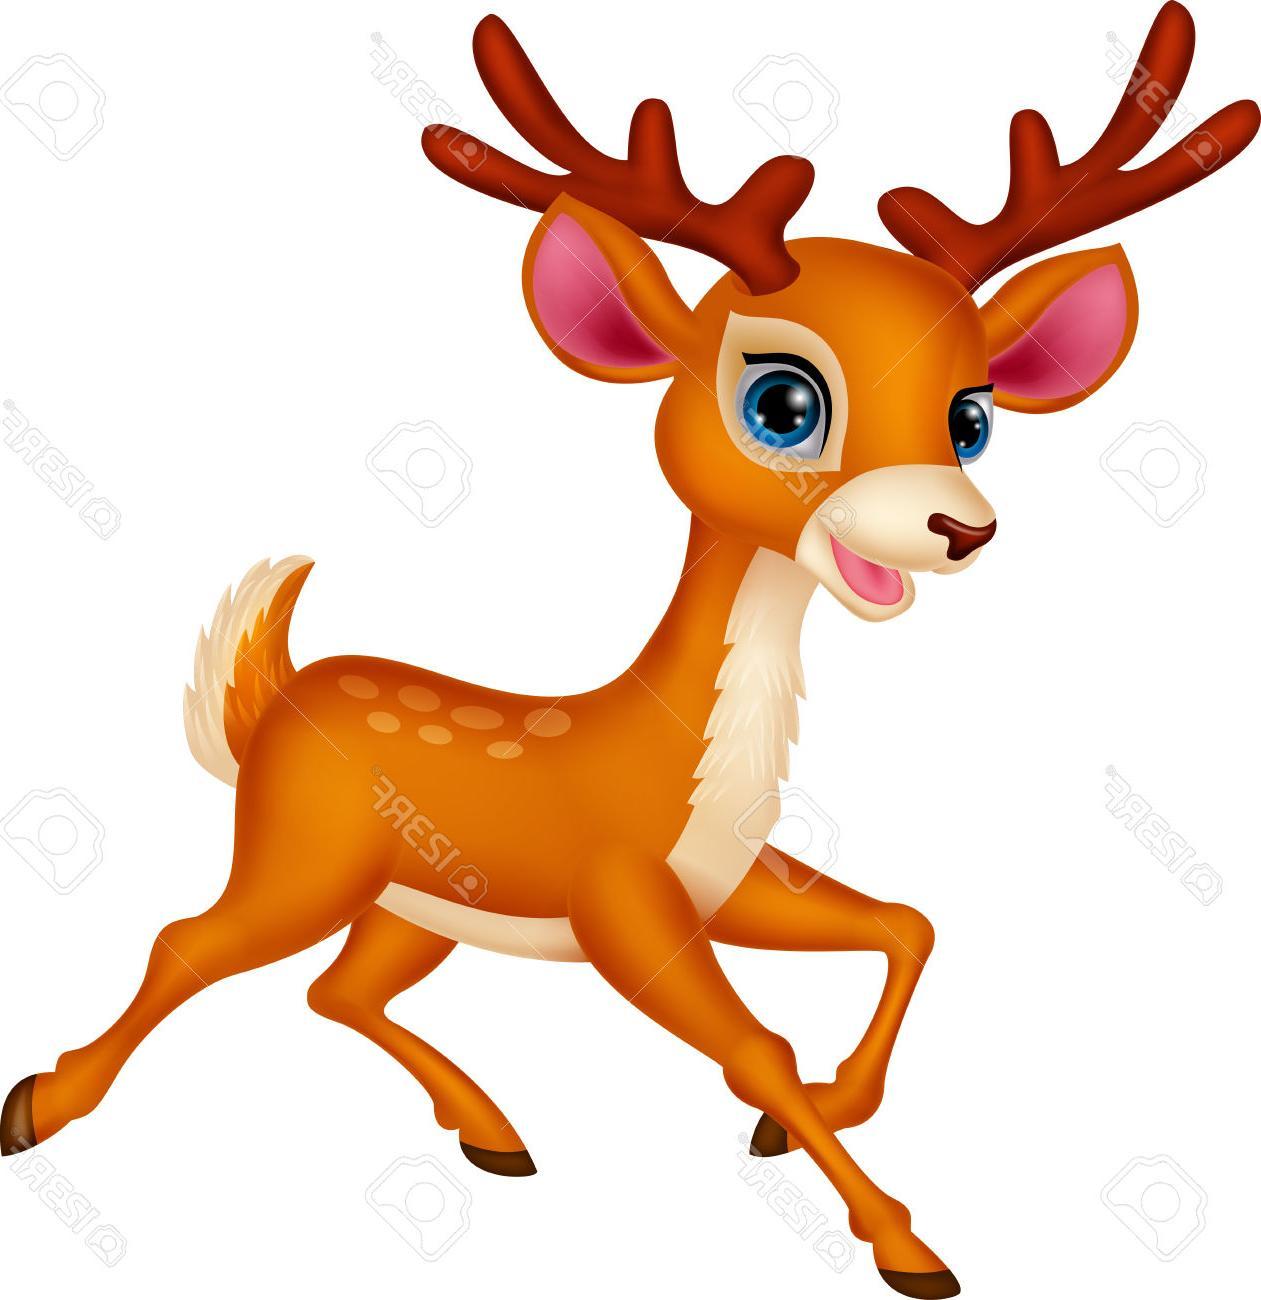 Deer cartoon. Pictures of free download